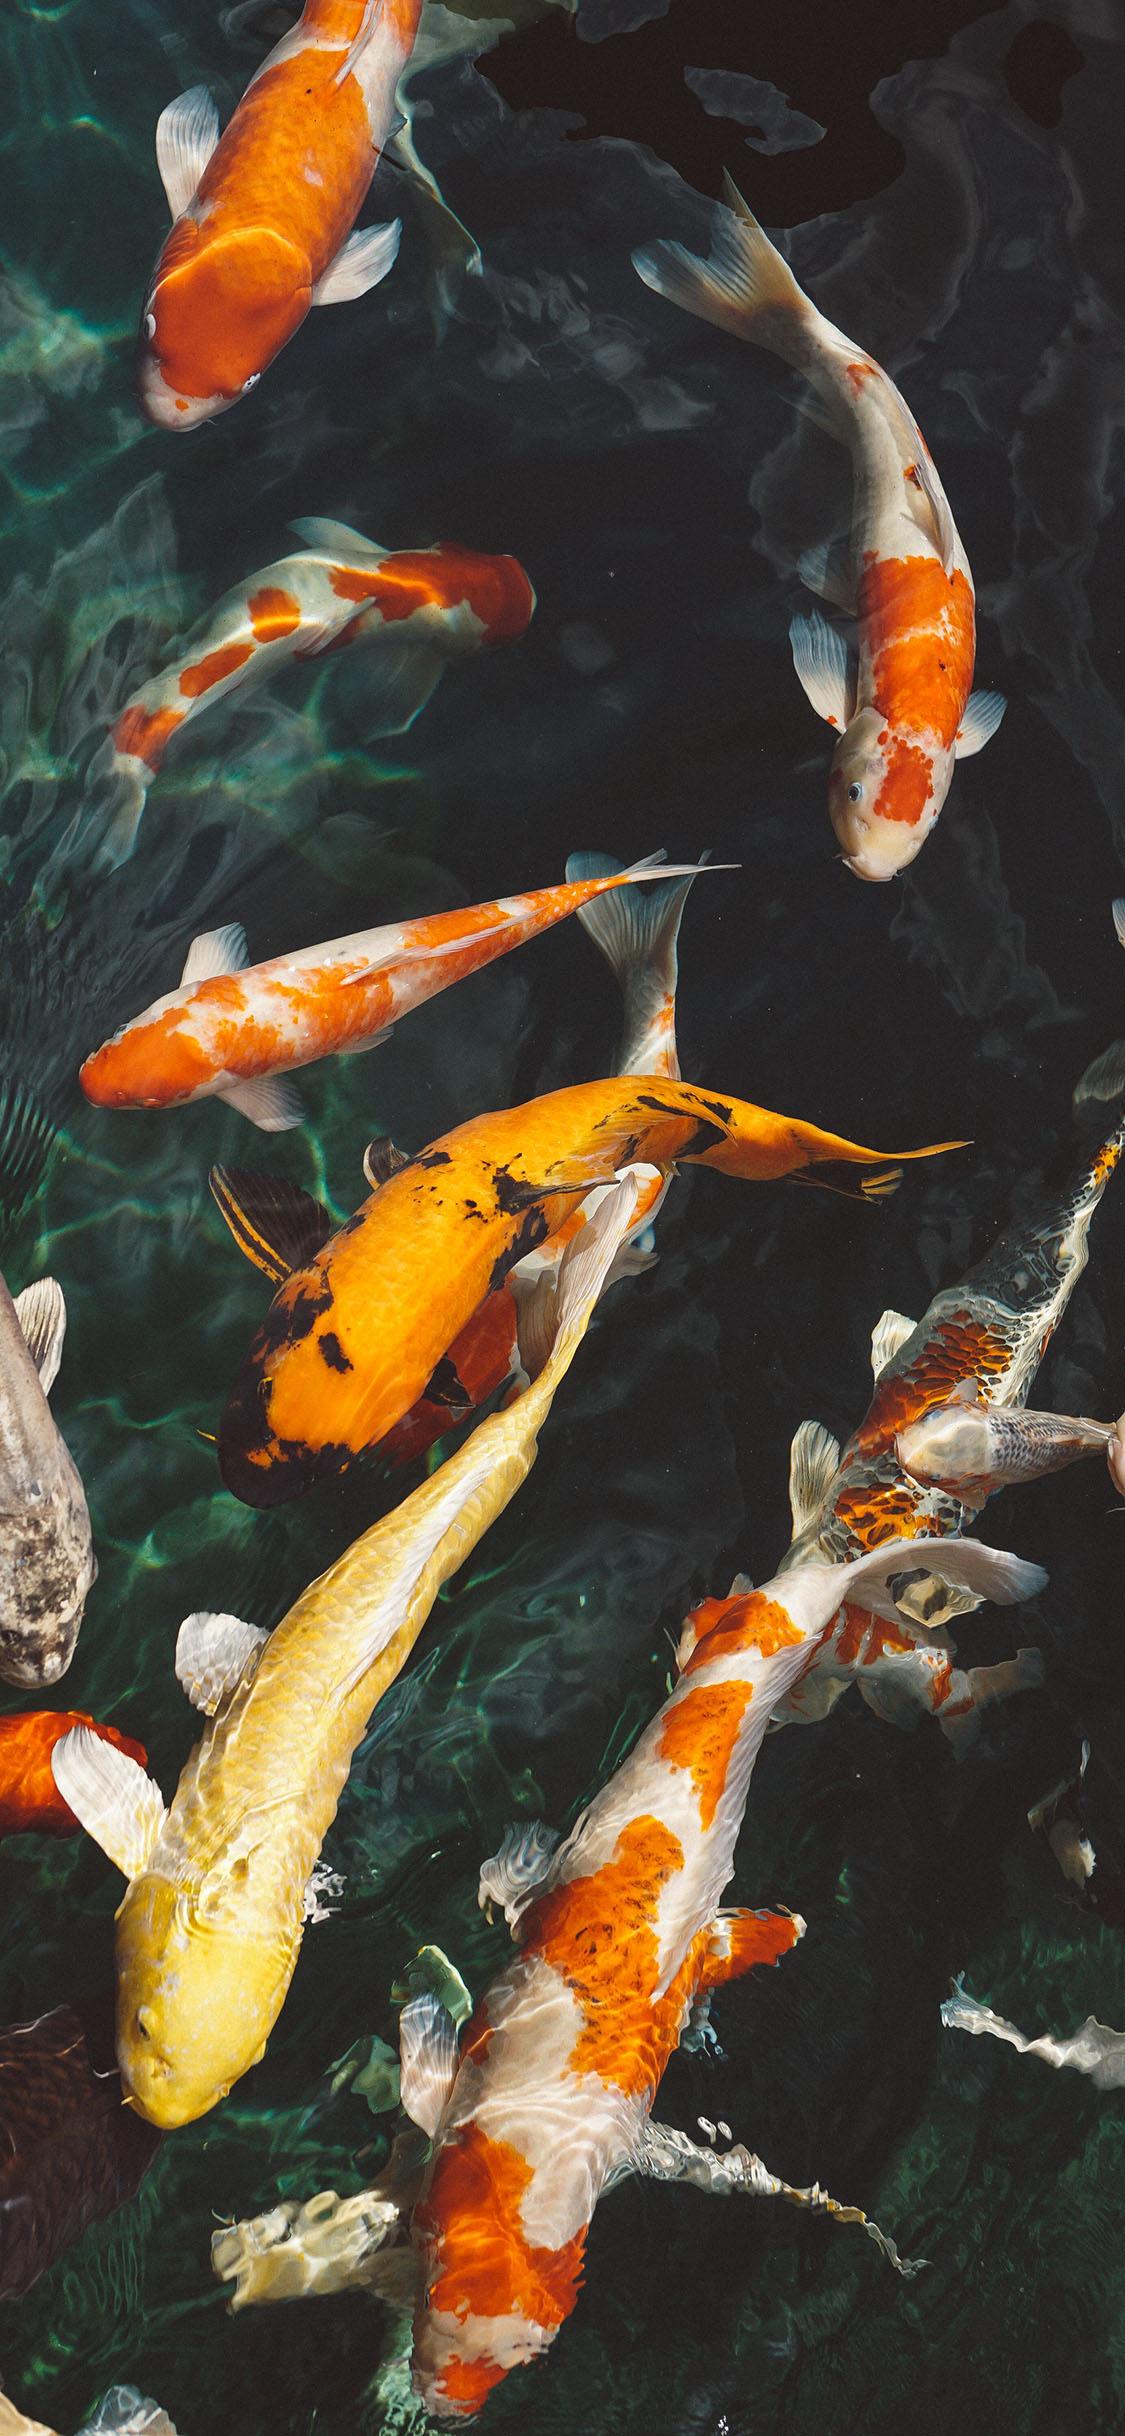 壁纸 动物 鱼 鱼类 1125_2436 竖版 竖屏 手机